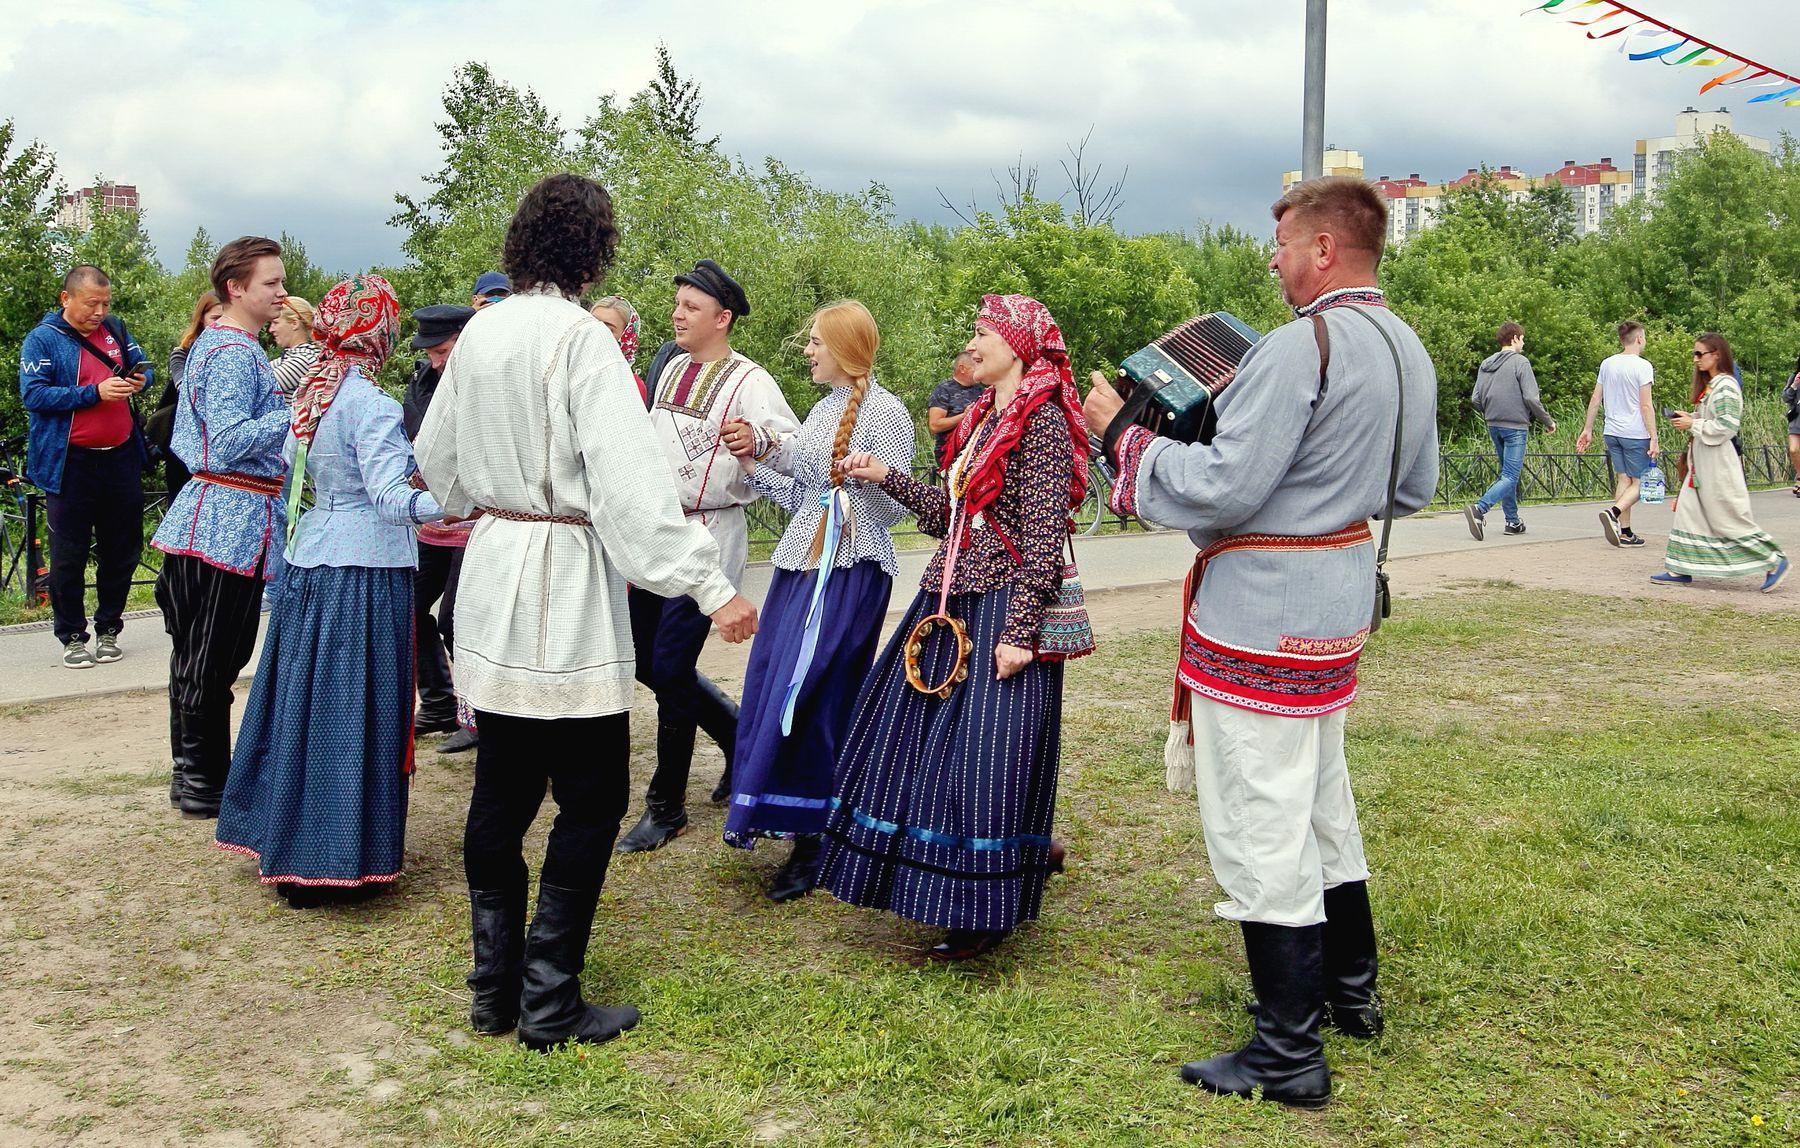 Бояре, а мы к вам пришли! Санкт-Петербург День России